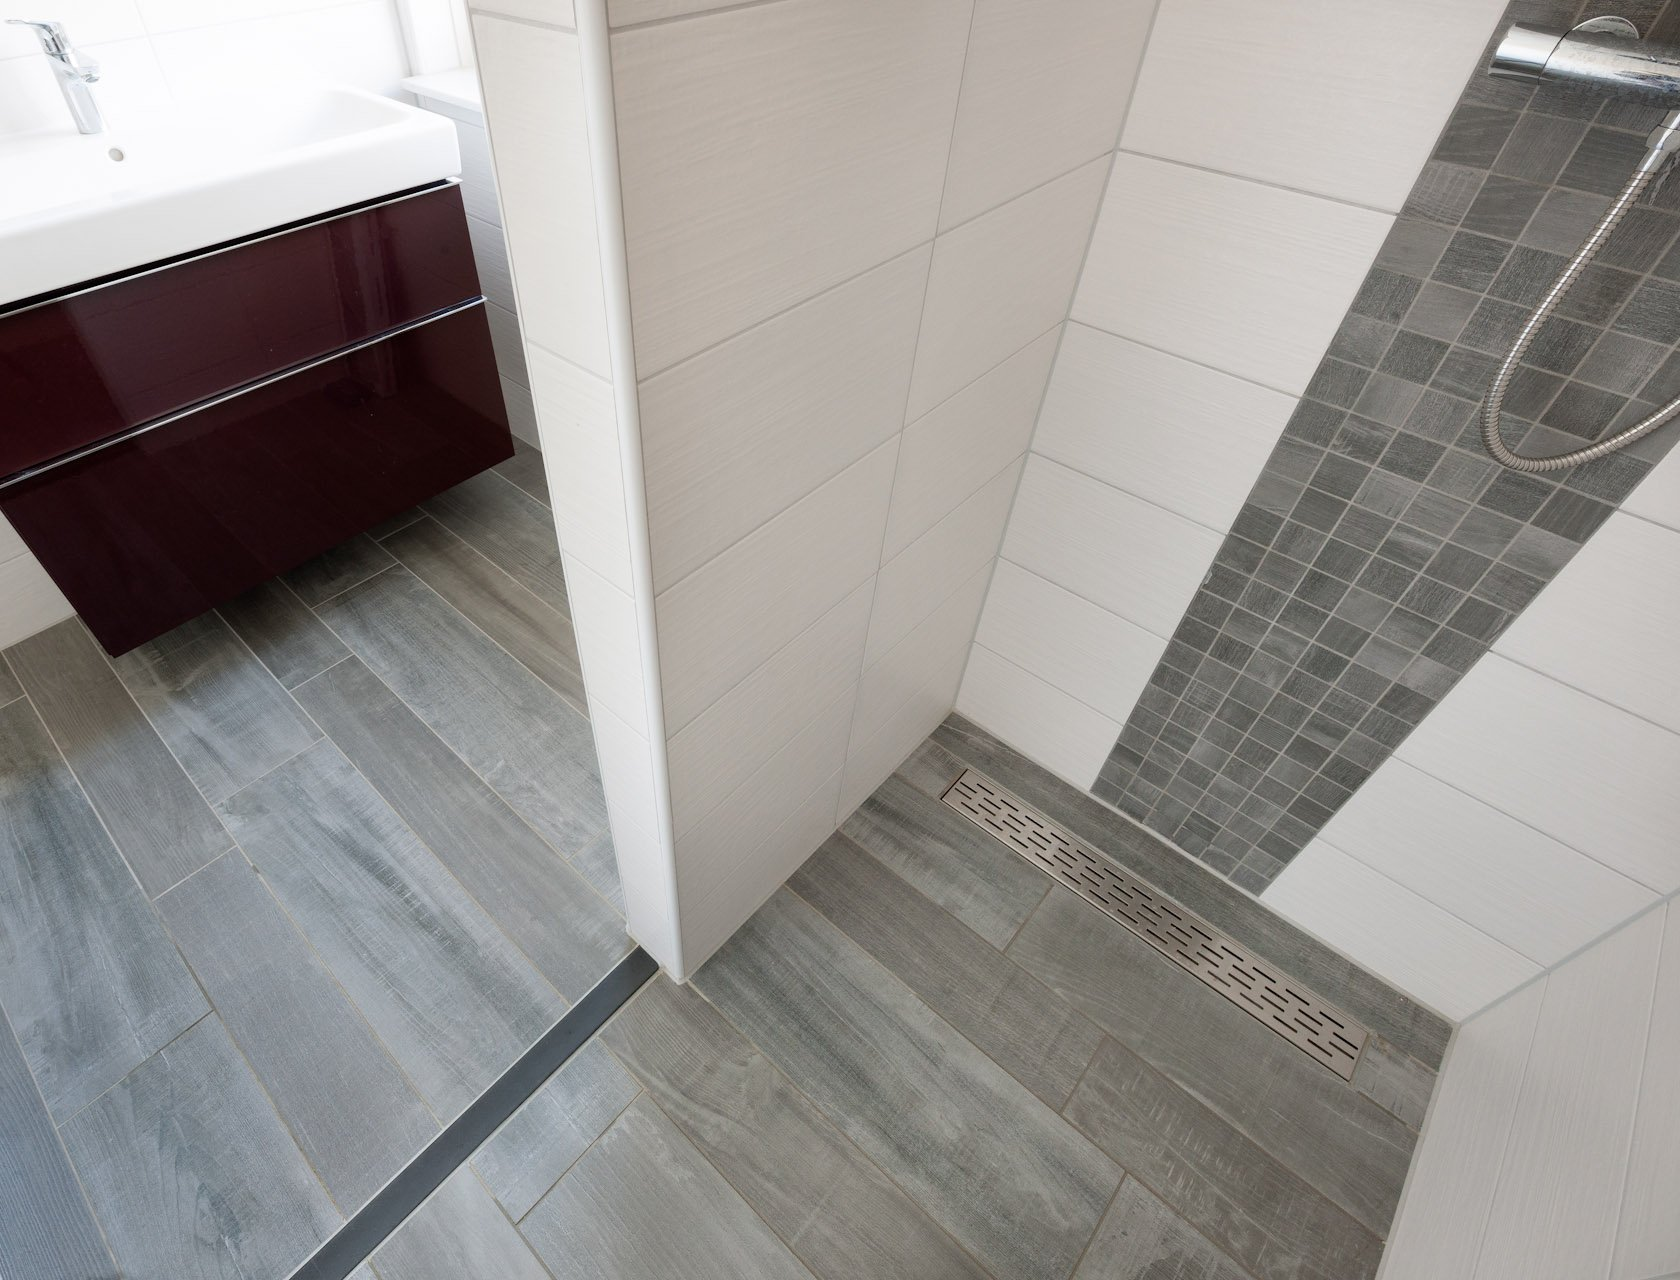 Wandtegels badkamer - KROON vloer in Steen